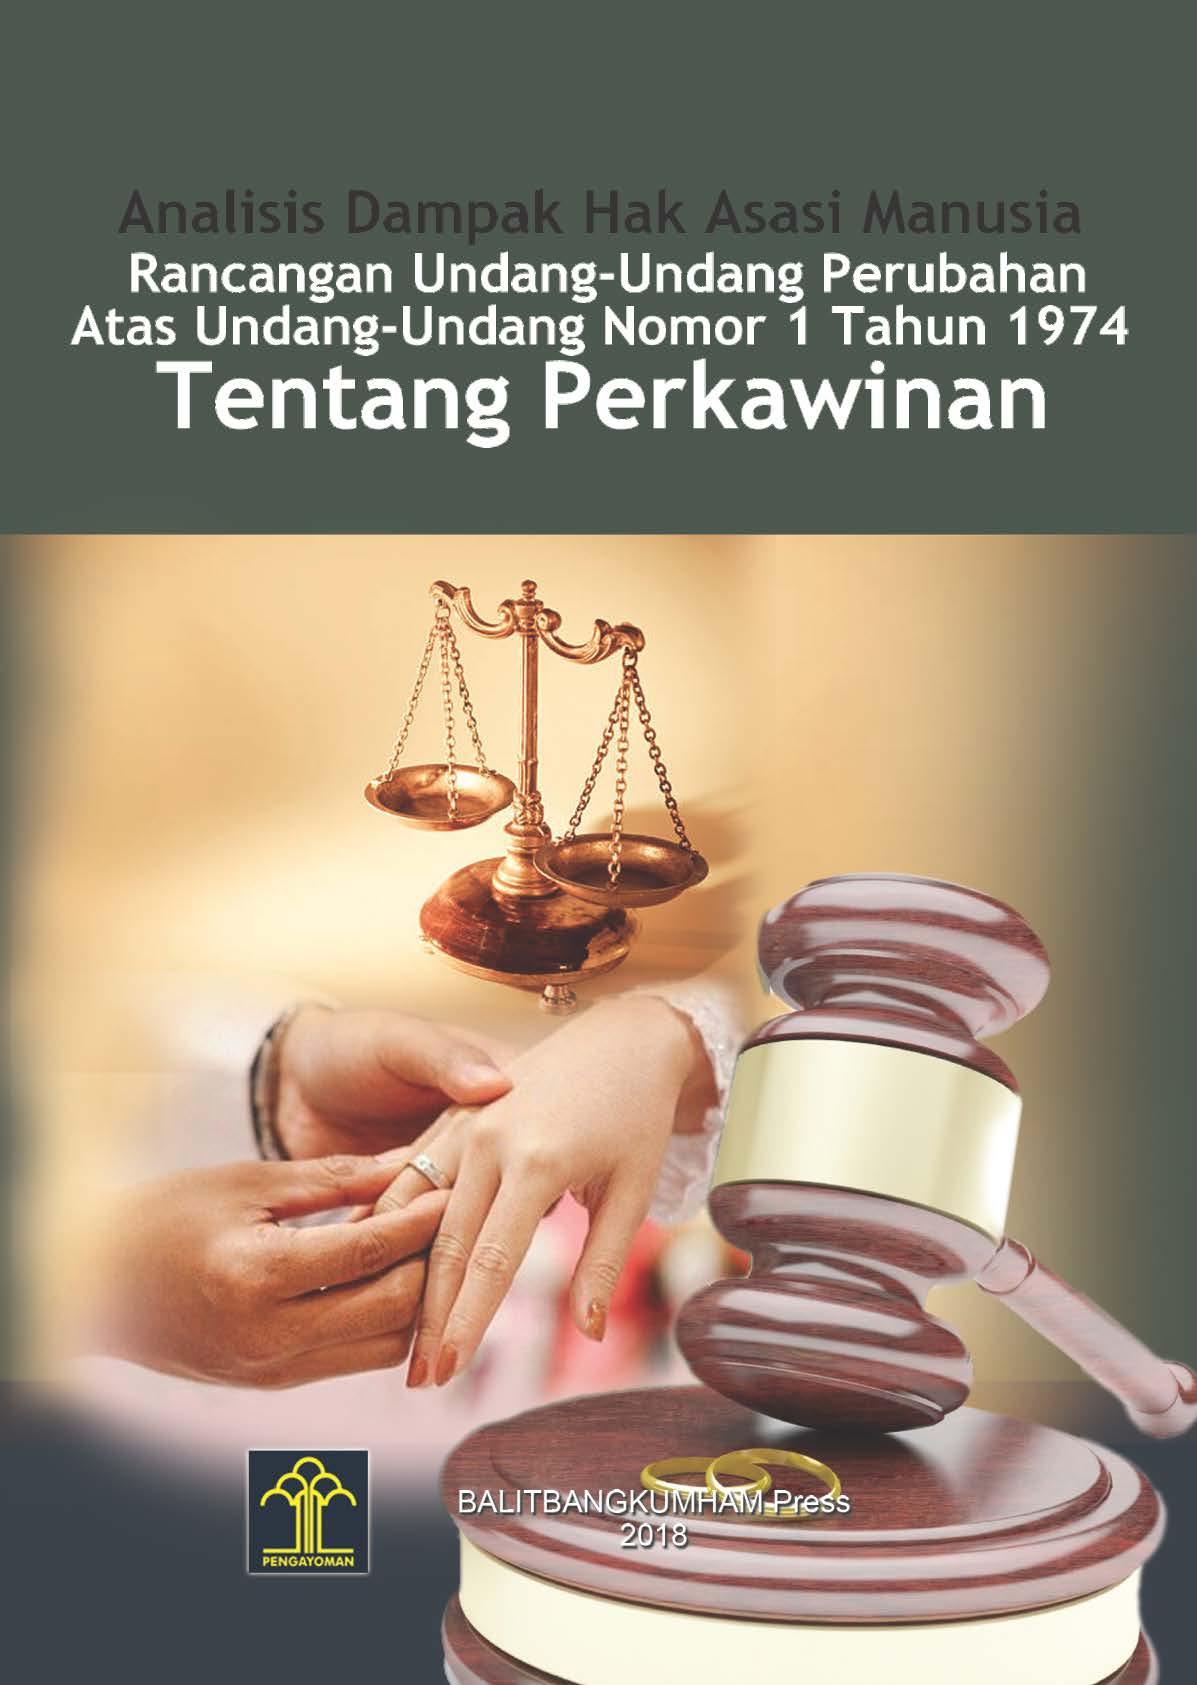 Analisis Dampak Hak Asasi Manusia Rancangan Undang-undang Perubahan Atas Undang-undang Nomor 1 Tahupn 1974 Tentang Perkawinan